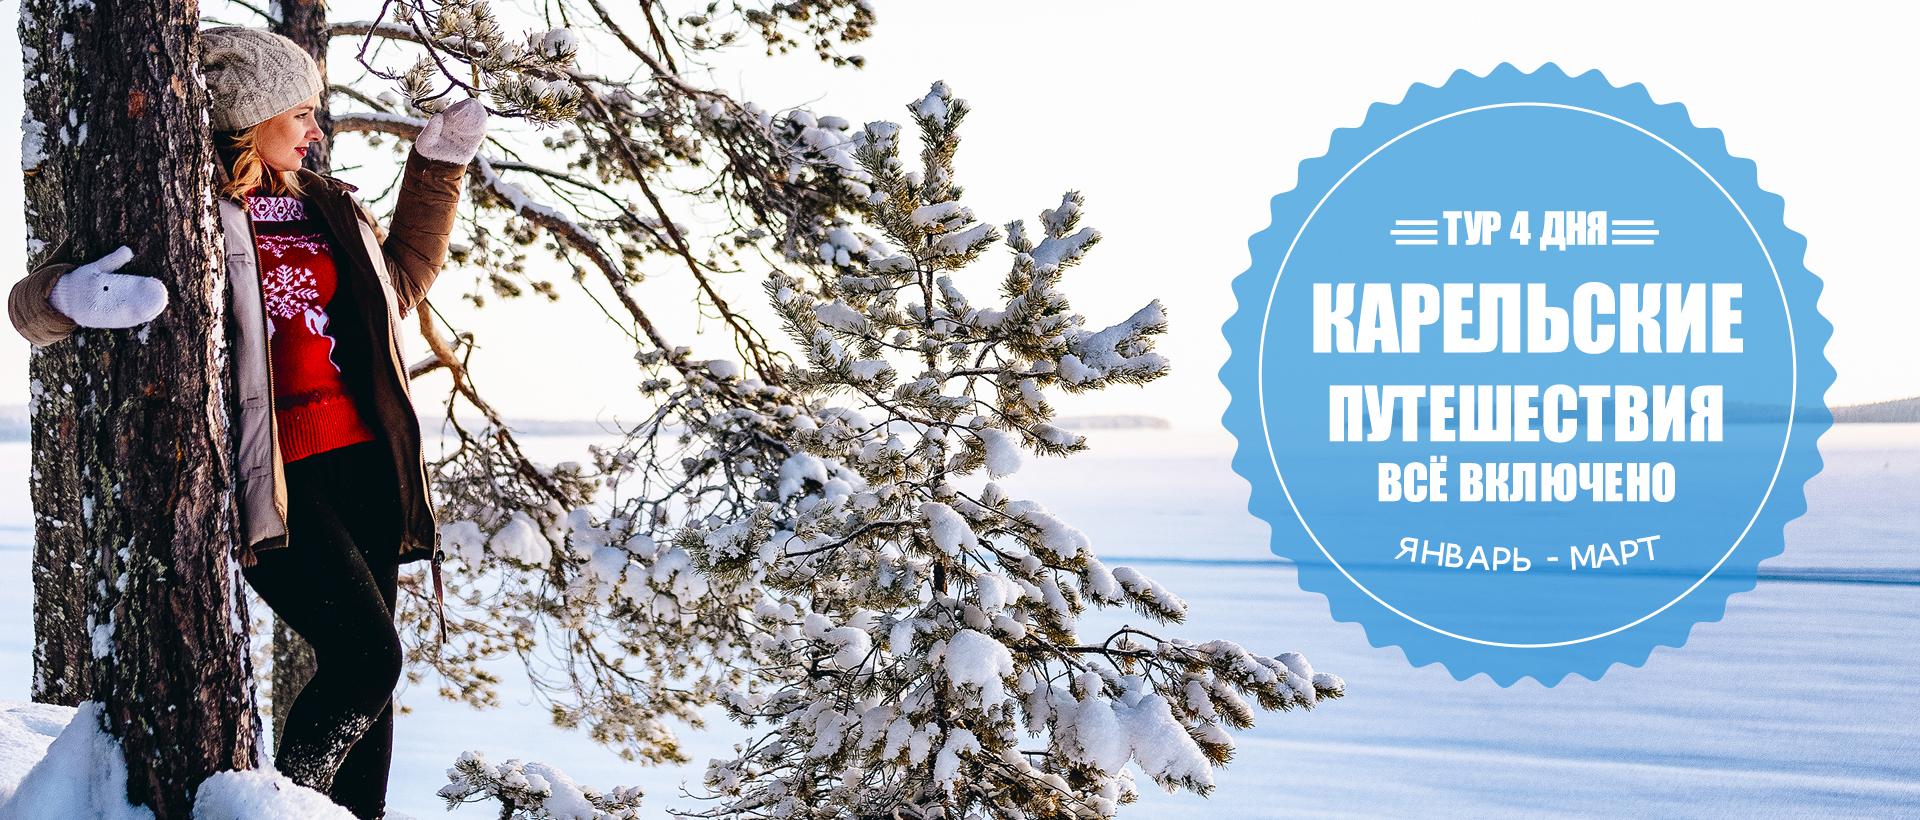 Зимой тур в Карелию